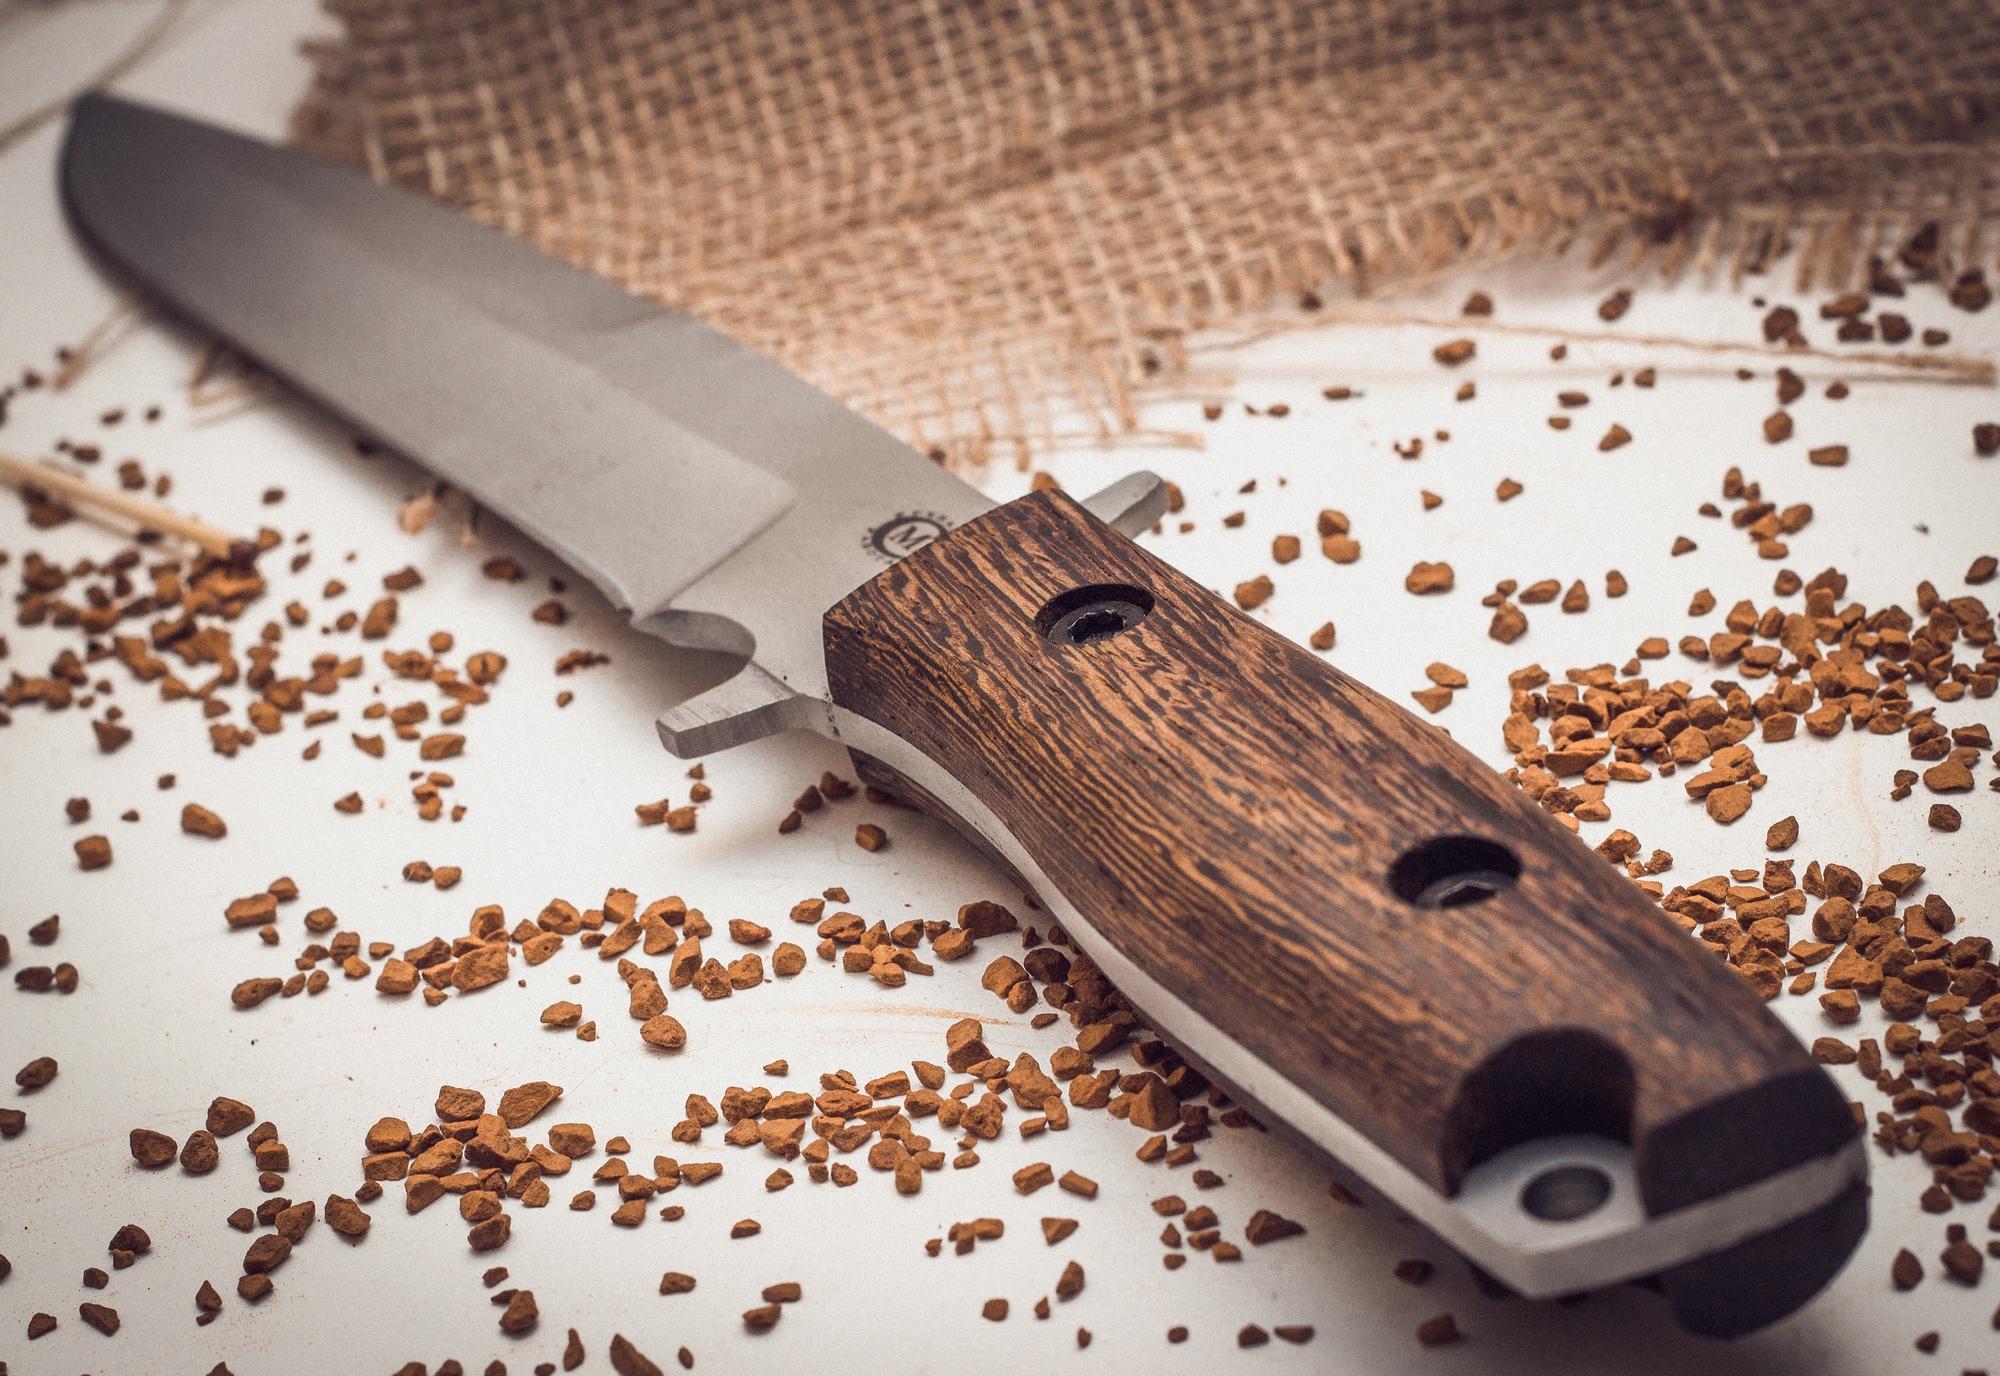 Фото 3 - Нож Командор с отверстием для темляка от Кузница Семина